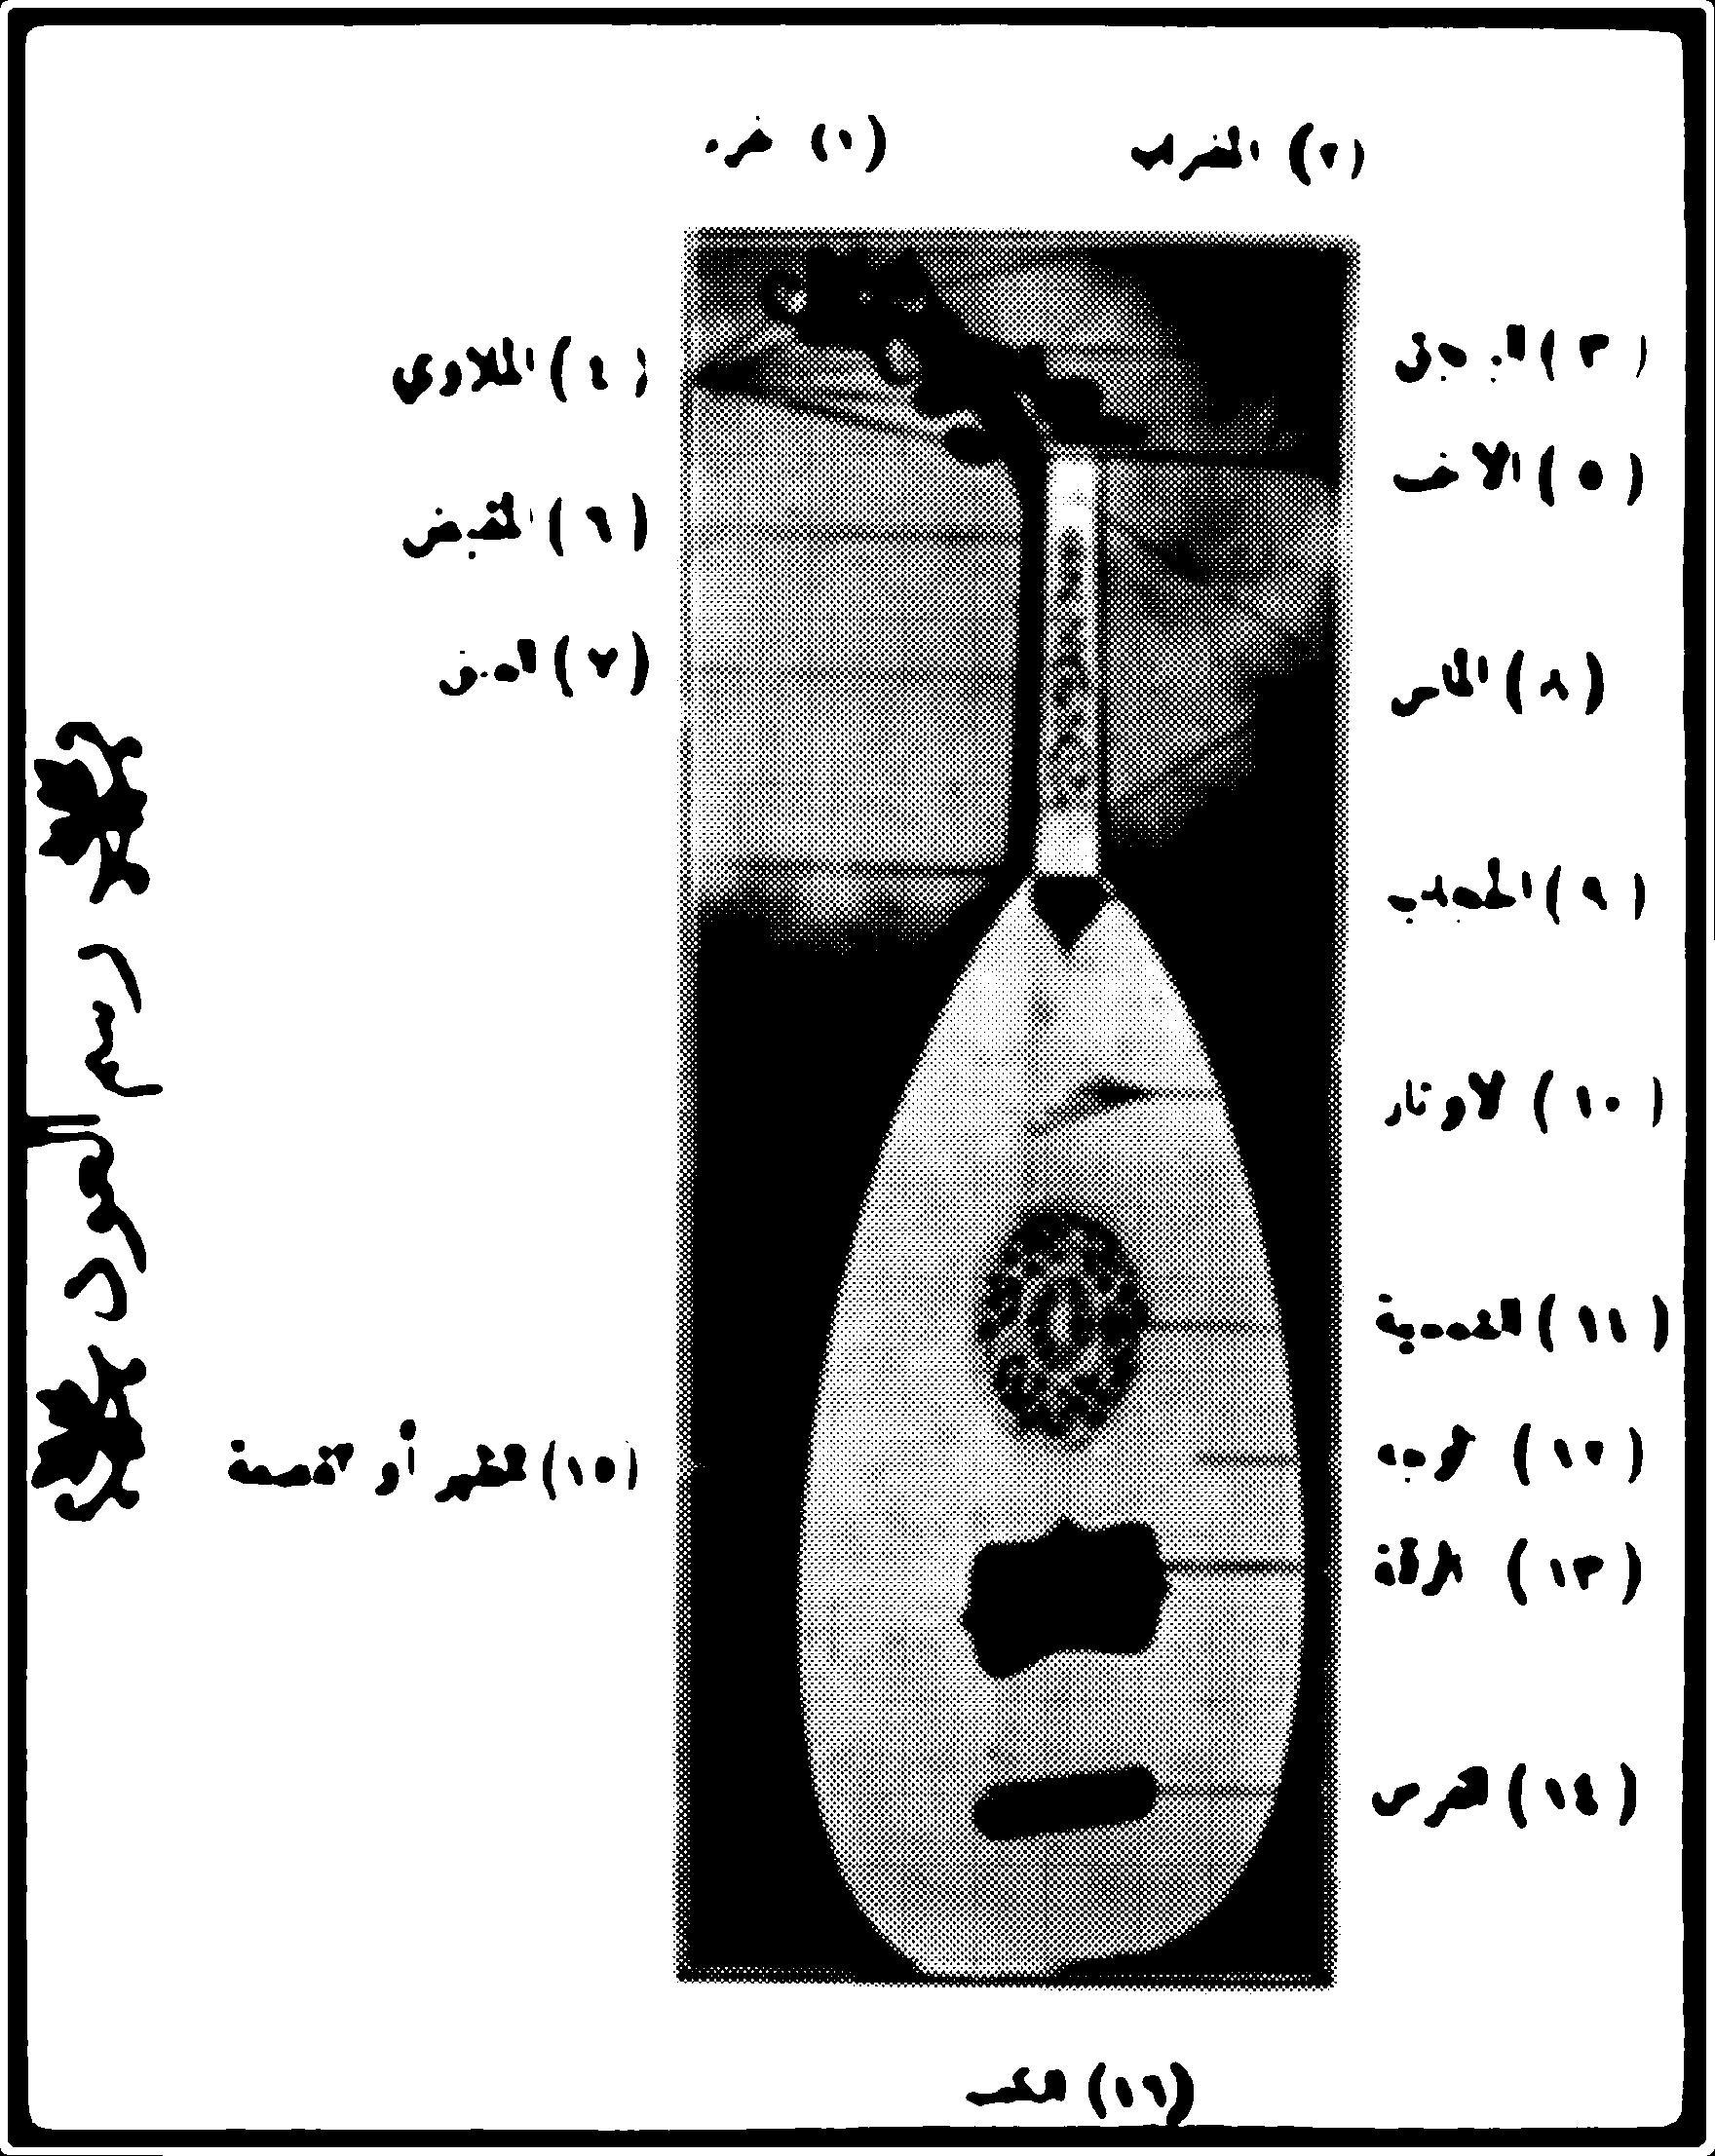 8fb59be59 أجزاء العود السداسي كما ورد في كتاب تعليم العود لإسكندر شلفون